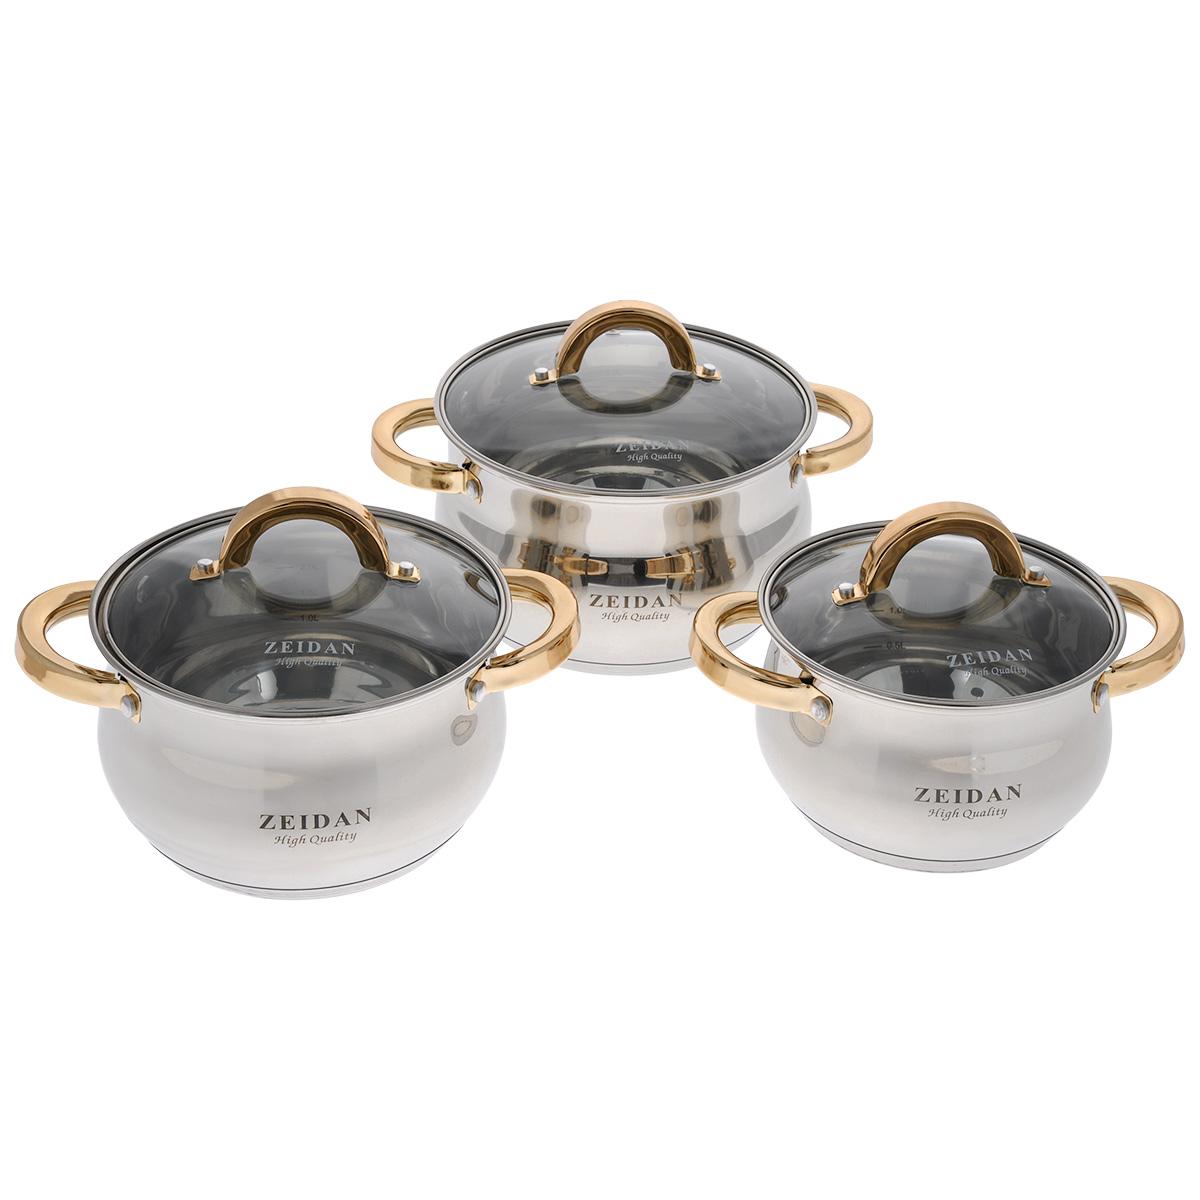 Набор посуды Zeidan, 6 предметов. Z-50605Z-50605Набор посуды Zeidan состоит из трех кастрюль с крышками. Изделия выполнены из высококачественной нержавеющей стали. Зеркальная полировка придает посуде безупречный внешний вид, увеличивает срок службы и облегчает мытье. Нержавеющая сталь отличается высокой экологической чистотой и долговечностью, устойчива к воздействию пищевых кислот, не образует соединений с компонентами пищи. Пятислойное капсулированное дно подходит для всех видов плит, отлично аккумулирует тепло и равномерно распределяет его по поверхности во время приготовления пищи. Эргономичные прочные ручки выполнены из хромоникелевой стали, способ крепления - заклепки. Жаропрочные стеклянные крышки плотно прилегают к краям посуды, сохраняя аромат и вкус блюд, при этом можно наблюдать за готовностью пищи без потери тепла. Внутри имеются отметки литража. Кастрюли подходят для всех типов плит, включая индукционные. Можно мыть в посудомоечной машине. Объем кастрюль: 2,1 л, 3 л, 4 л. Диаметр кастрюль (по верхнему краю): 16 см, 18 см, 20 см. Высота стенок: 10,5 см, 11,5 см, 12,5 см. Ширина кастрюль (с учетом ручек): 28 см, 30 см, 32,5 см. Диаметр дна кастрюль: 13,5 см, 15,5 см, 17,5 см. Толщина стенки: 2 мм. Толщина дна: 3 мм.